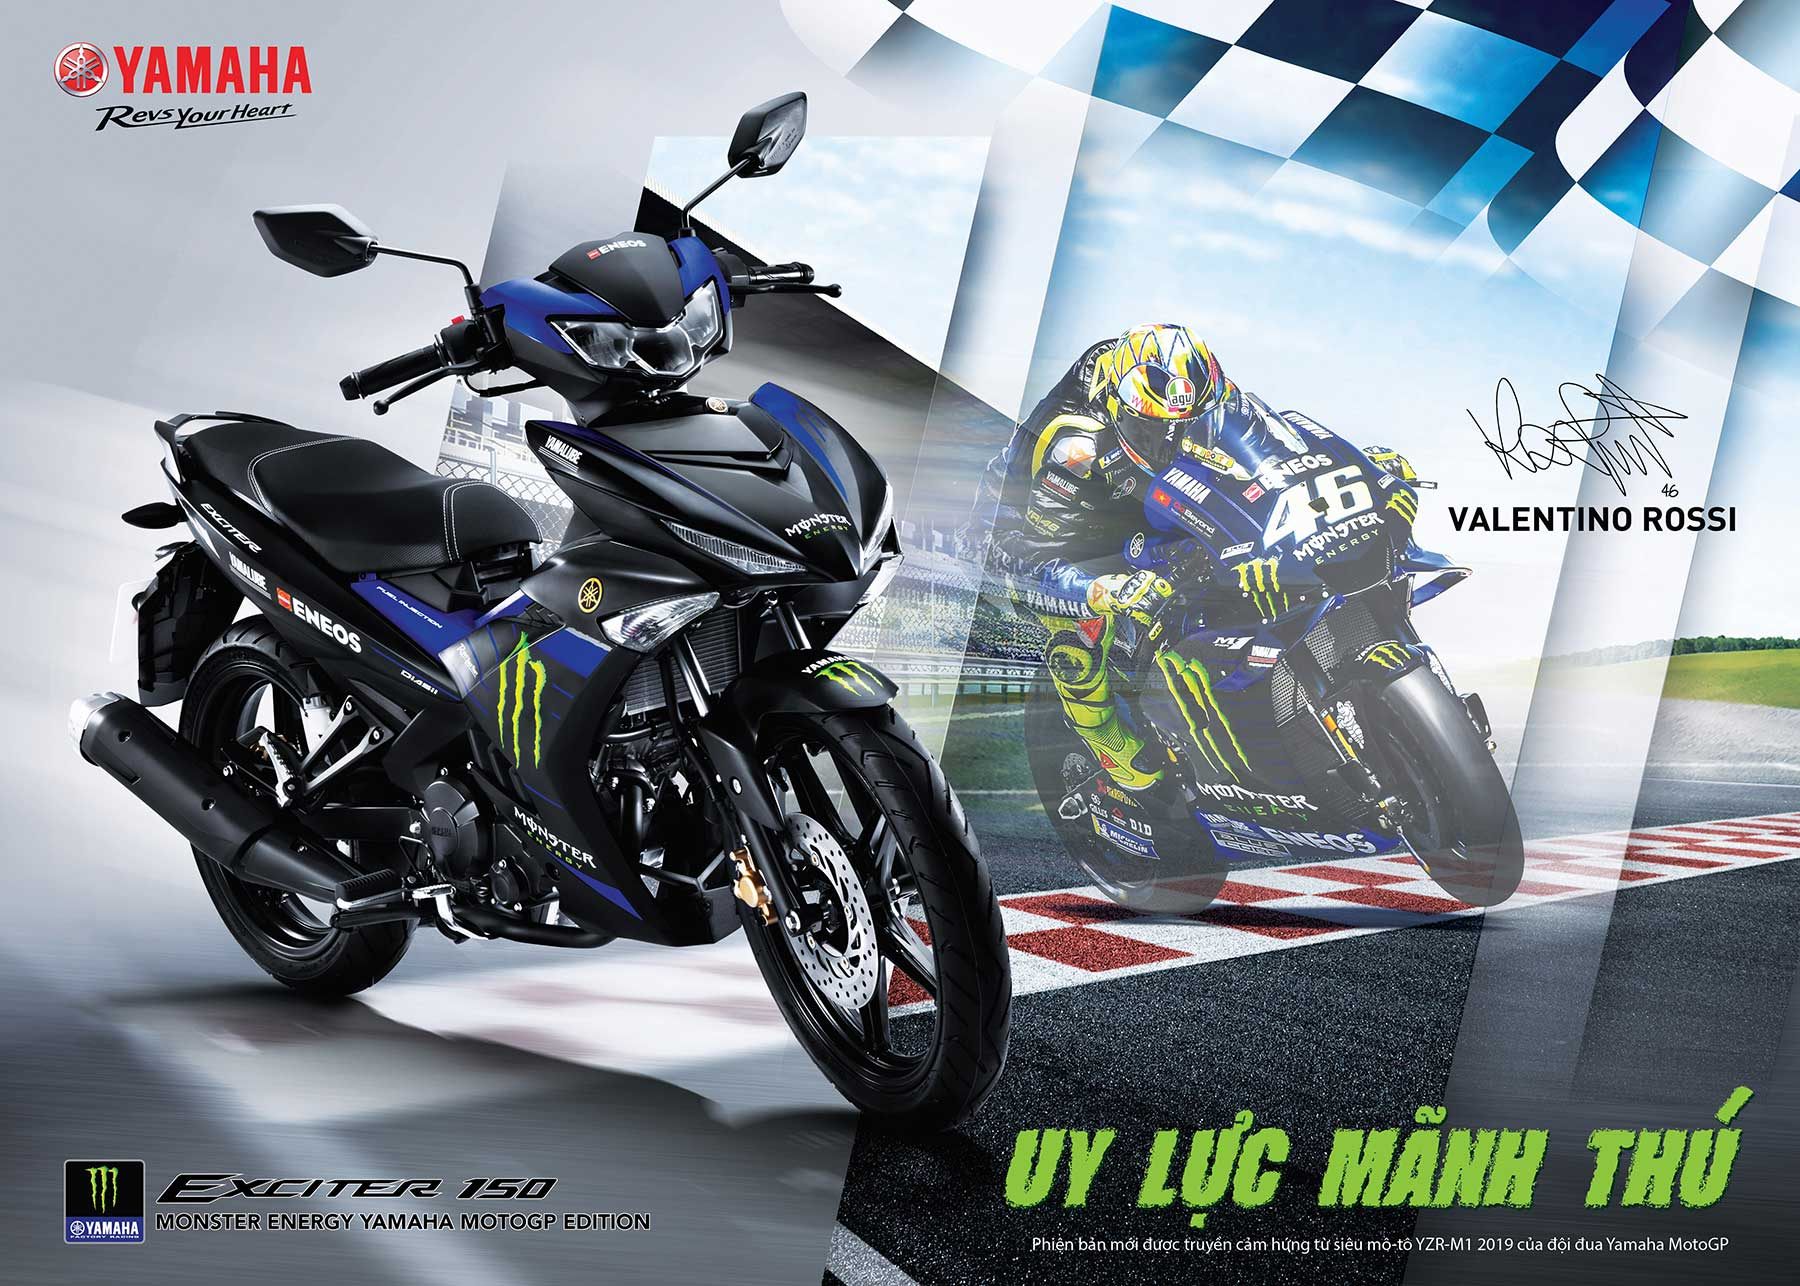 Bảng giá Yamaha Exciter giữa tháng 09/2020- giảm mạnh tới hơn 6 triệu